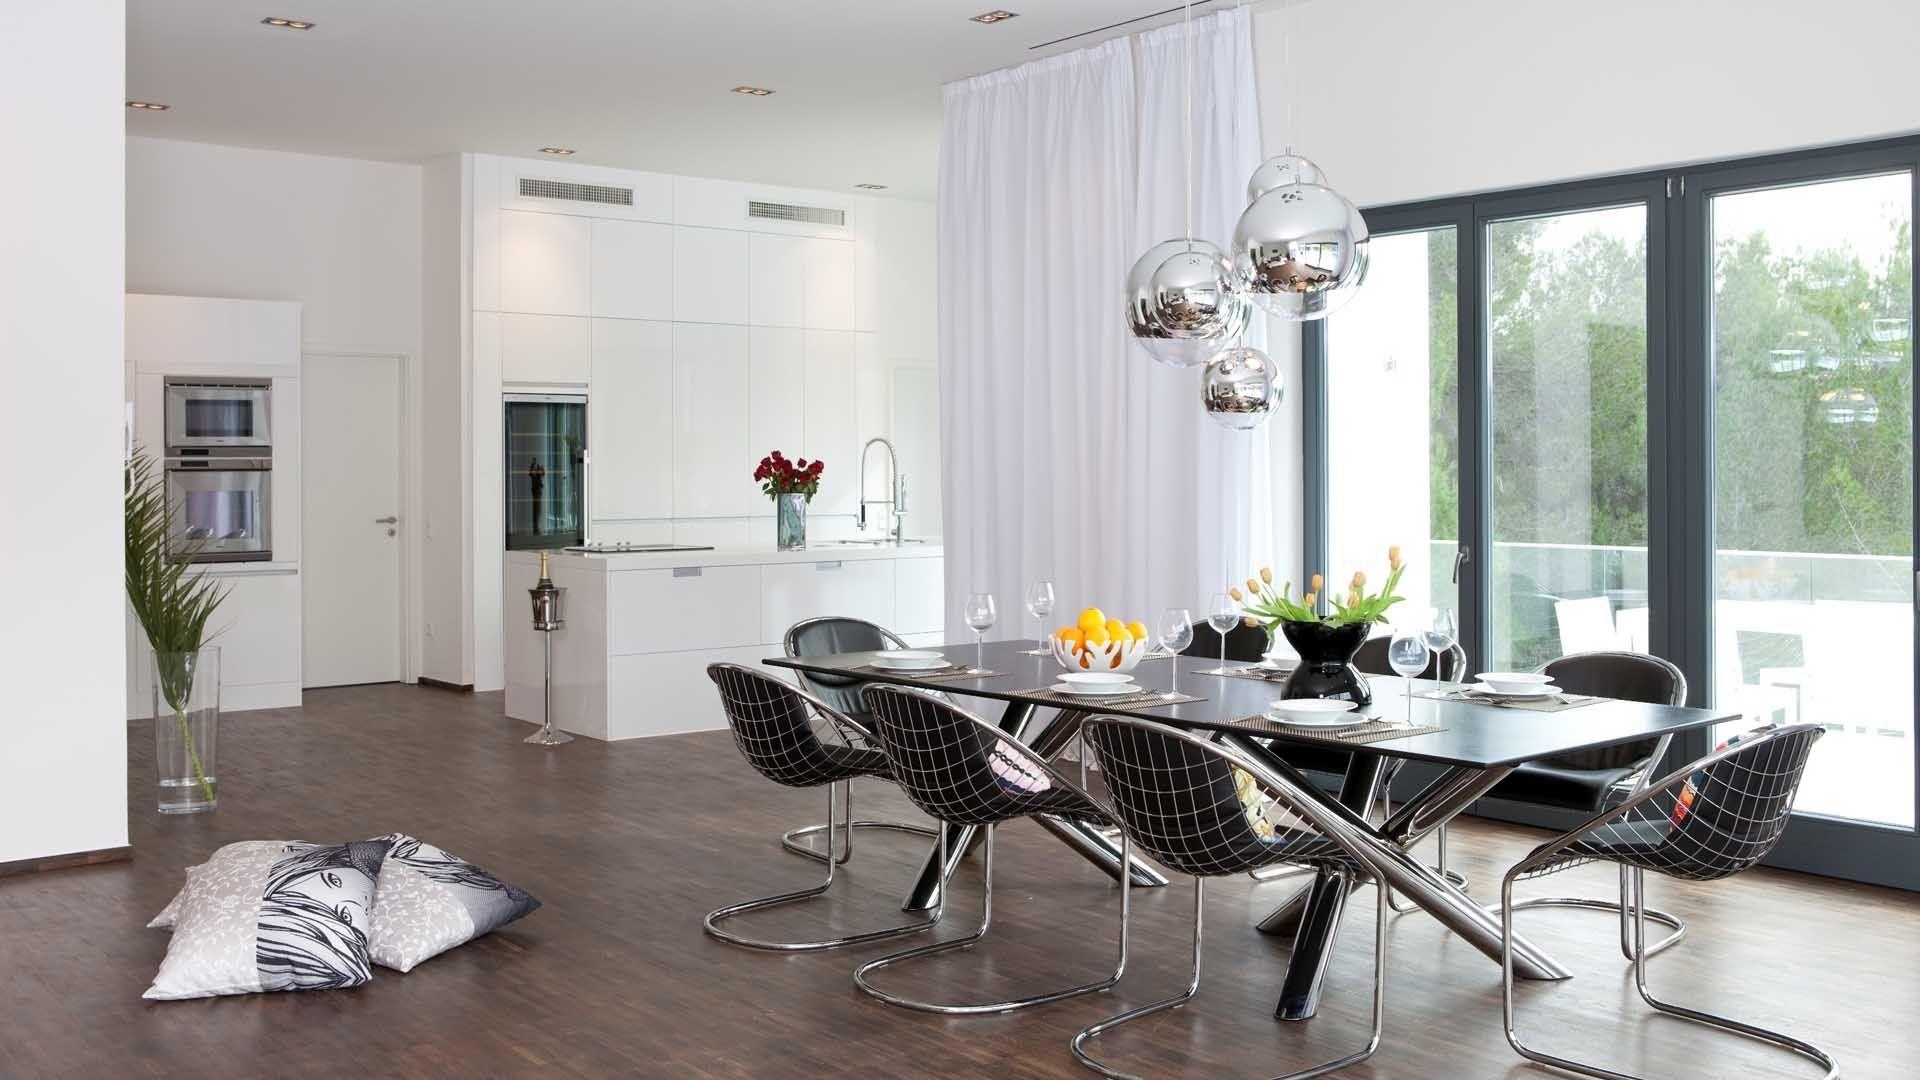 Wunderbar Moderne Esszimmerlampen Referenz Von Dining Room Dining Room Dining Room Furniture